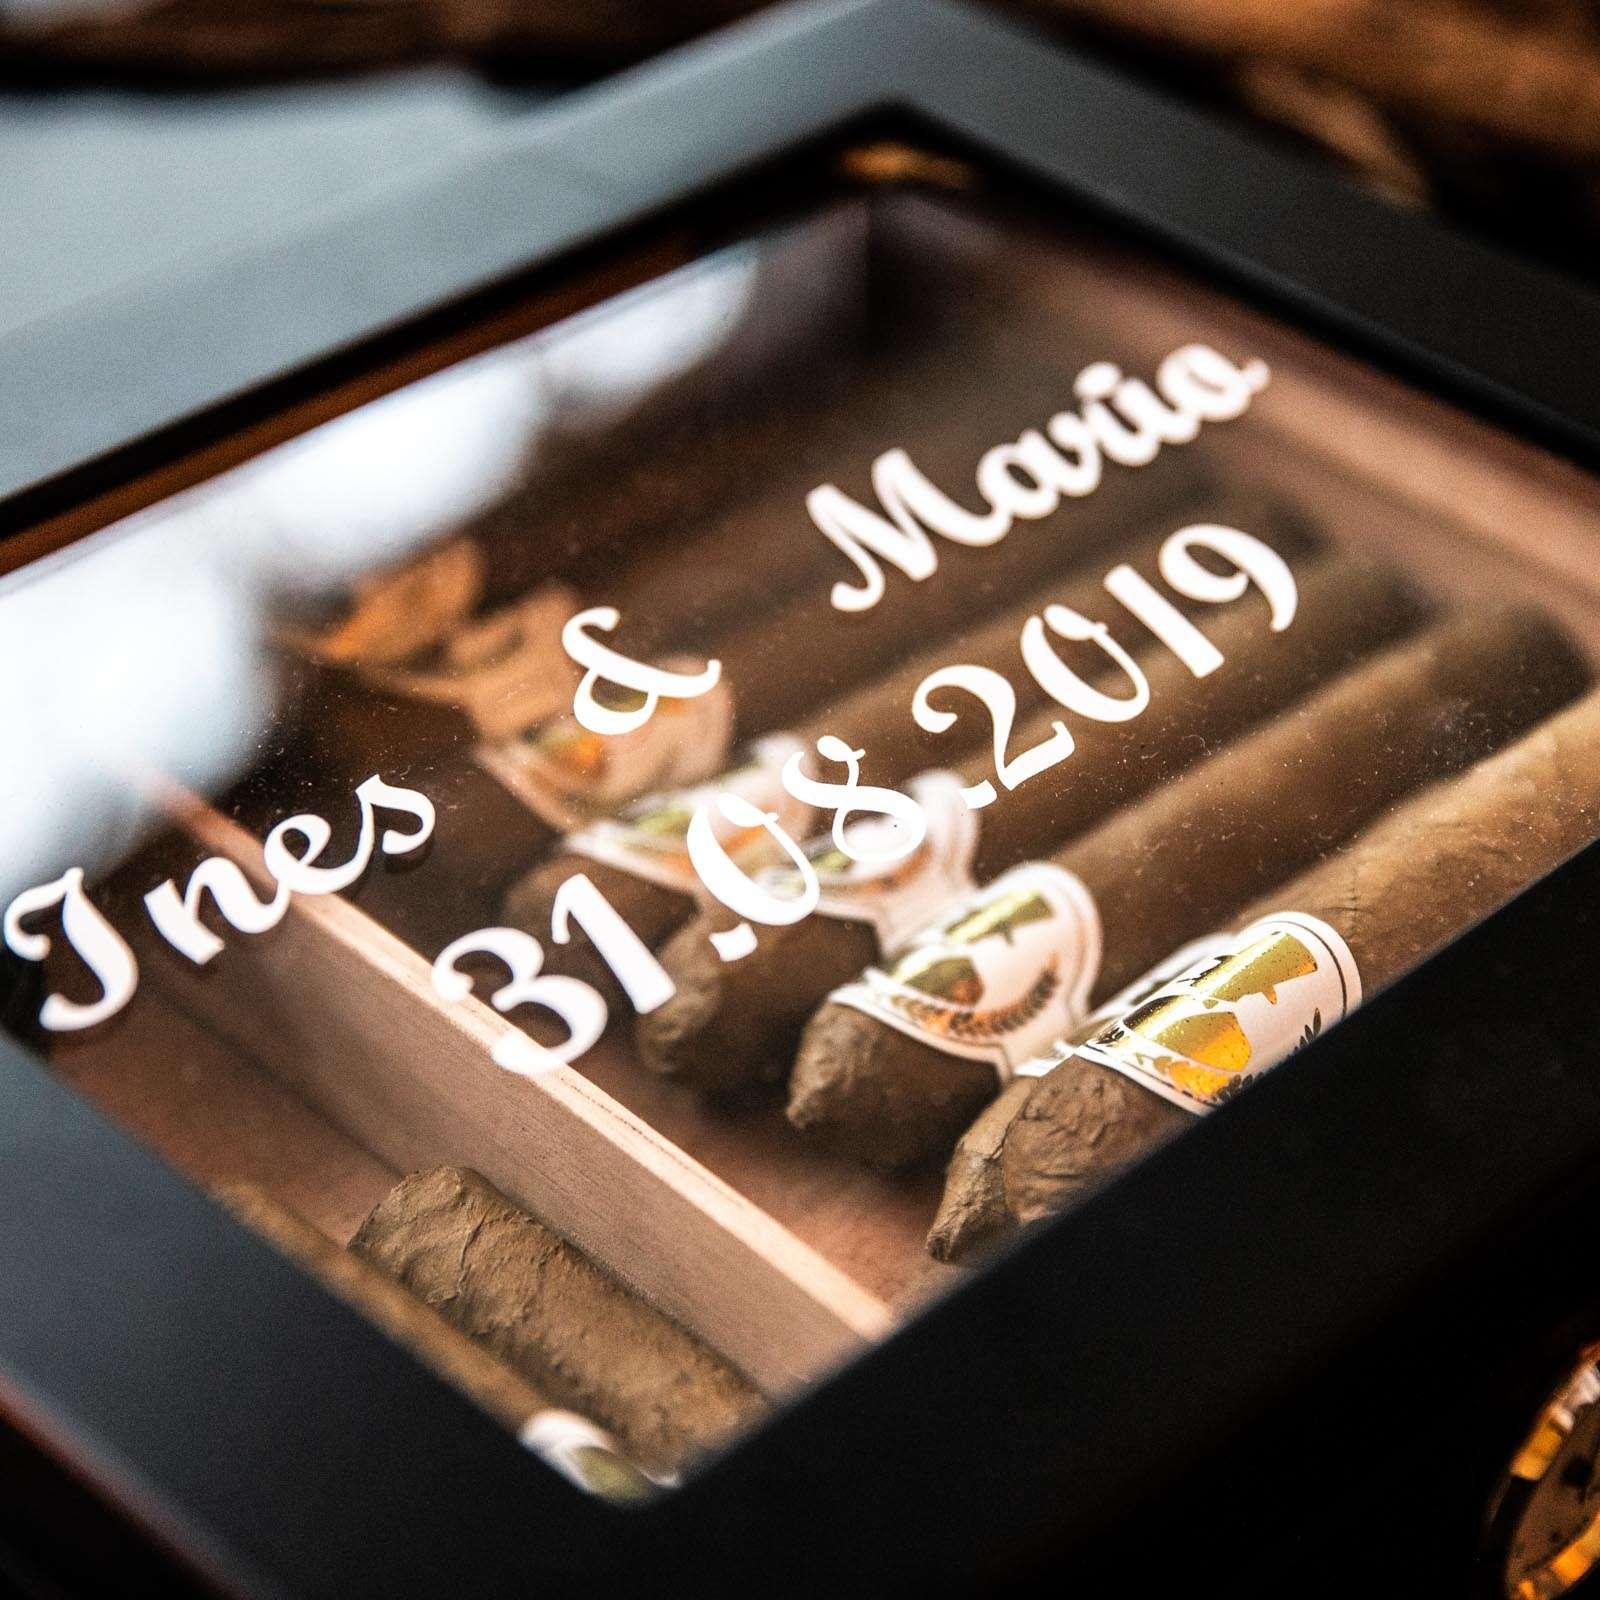 Zigarrendreher | Zigarren | Drehen | Zigarrenroller | Zigarrenrollerin | Zigarrendreherin | Mieten | Anfragen | Trocadero | Shop | Geschenk | Kaufen | Handgemacht | Robusto | Corona | Torpedo | Churchill | Longfiller